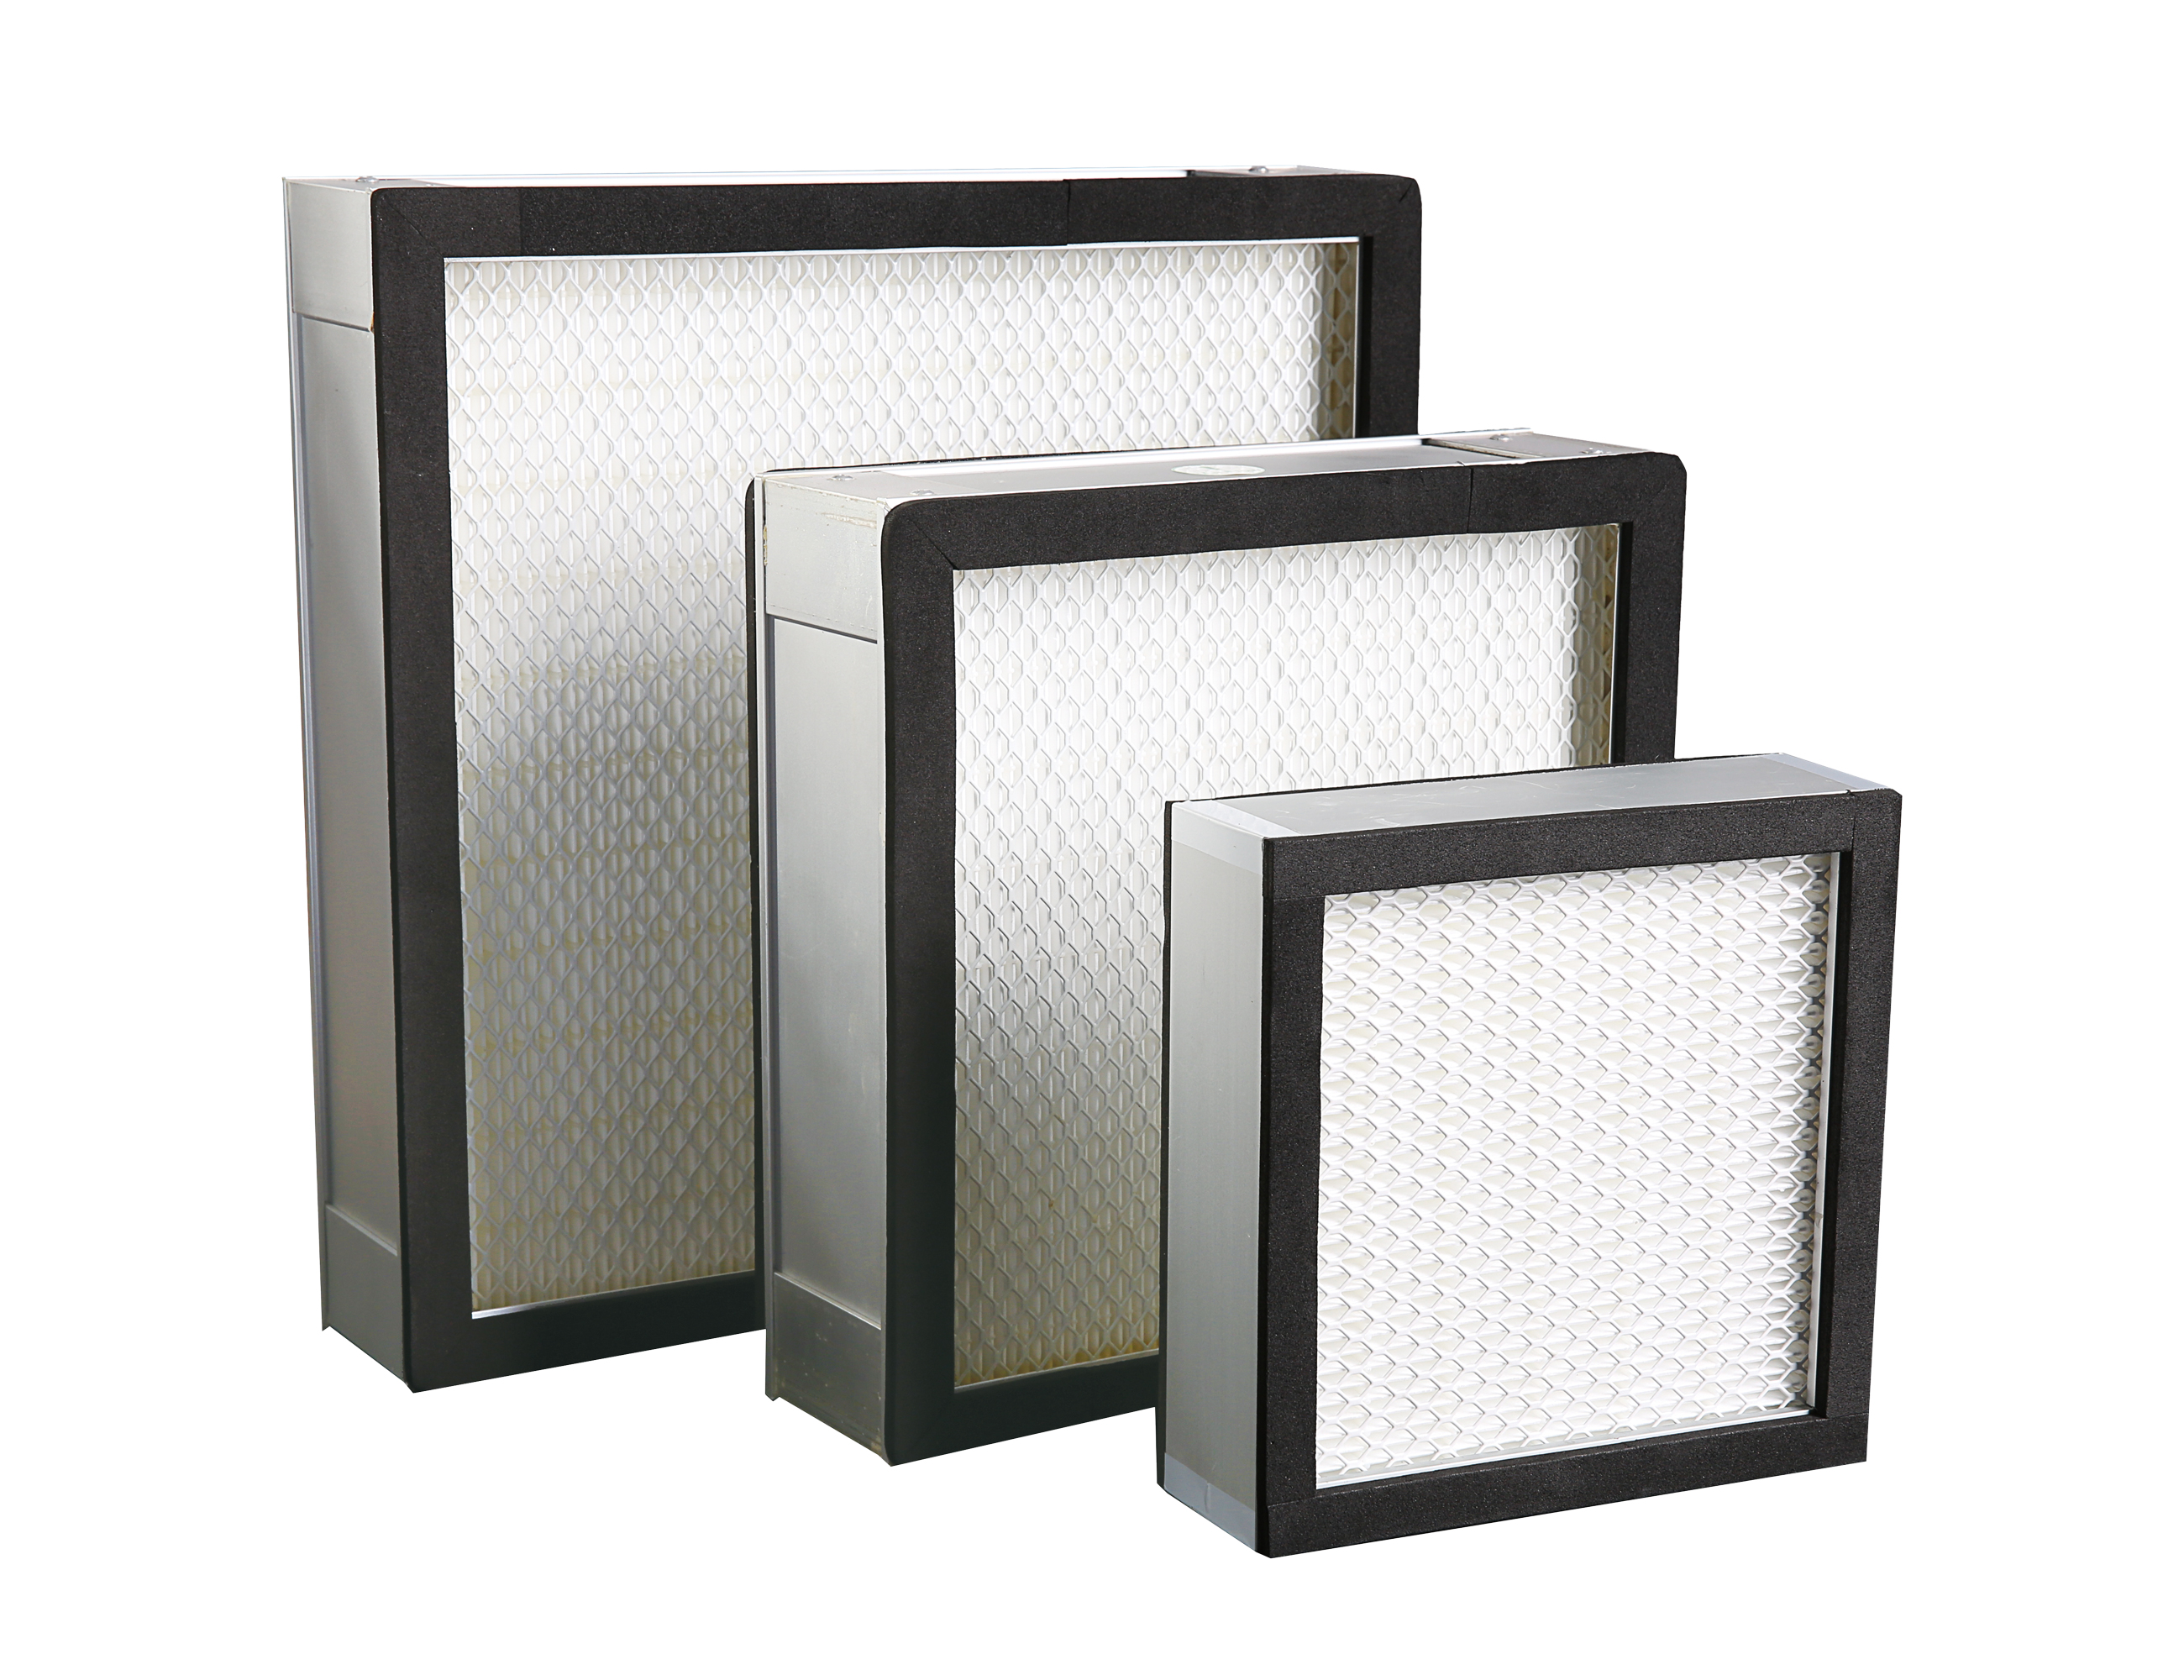 Mini pleated HEPA filter